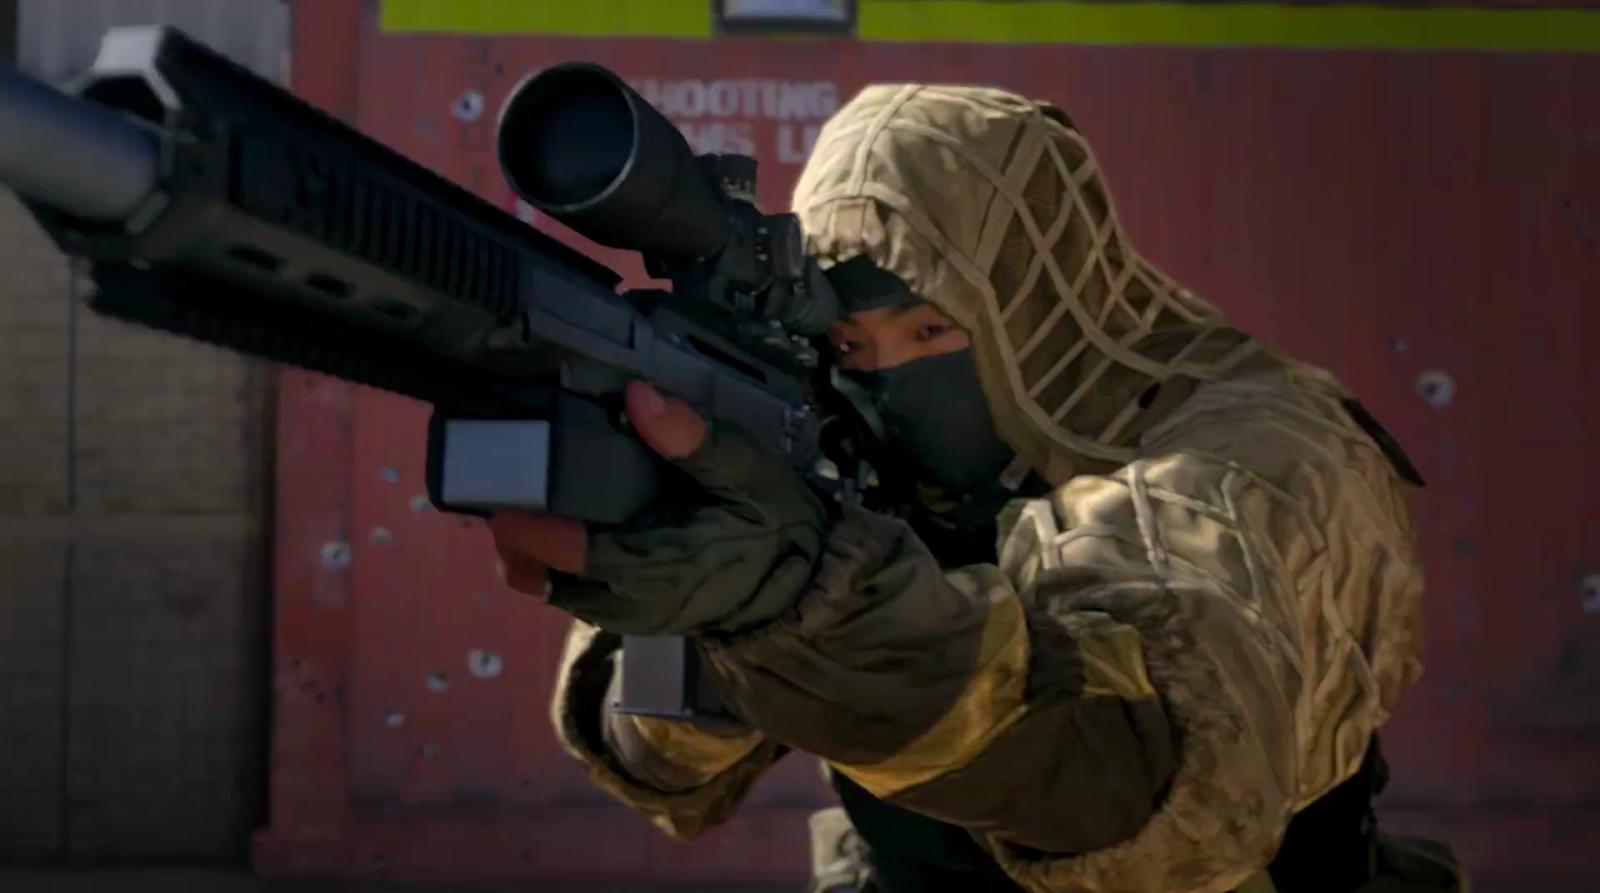 《使命召唤 现代战争》将于8月24日凌晨1点在PS4平台开启2V2模式测试体验